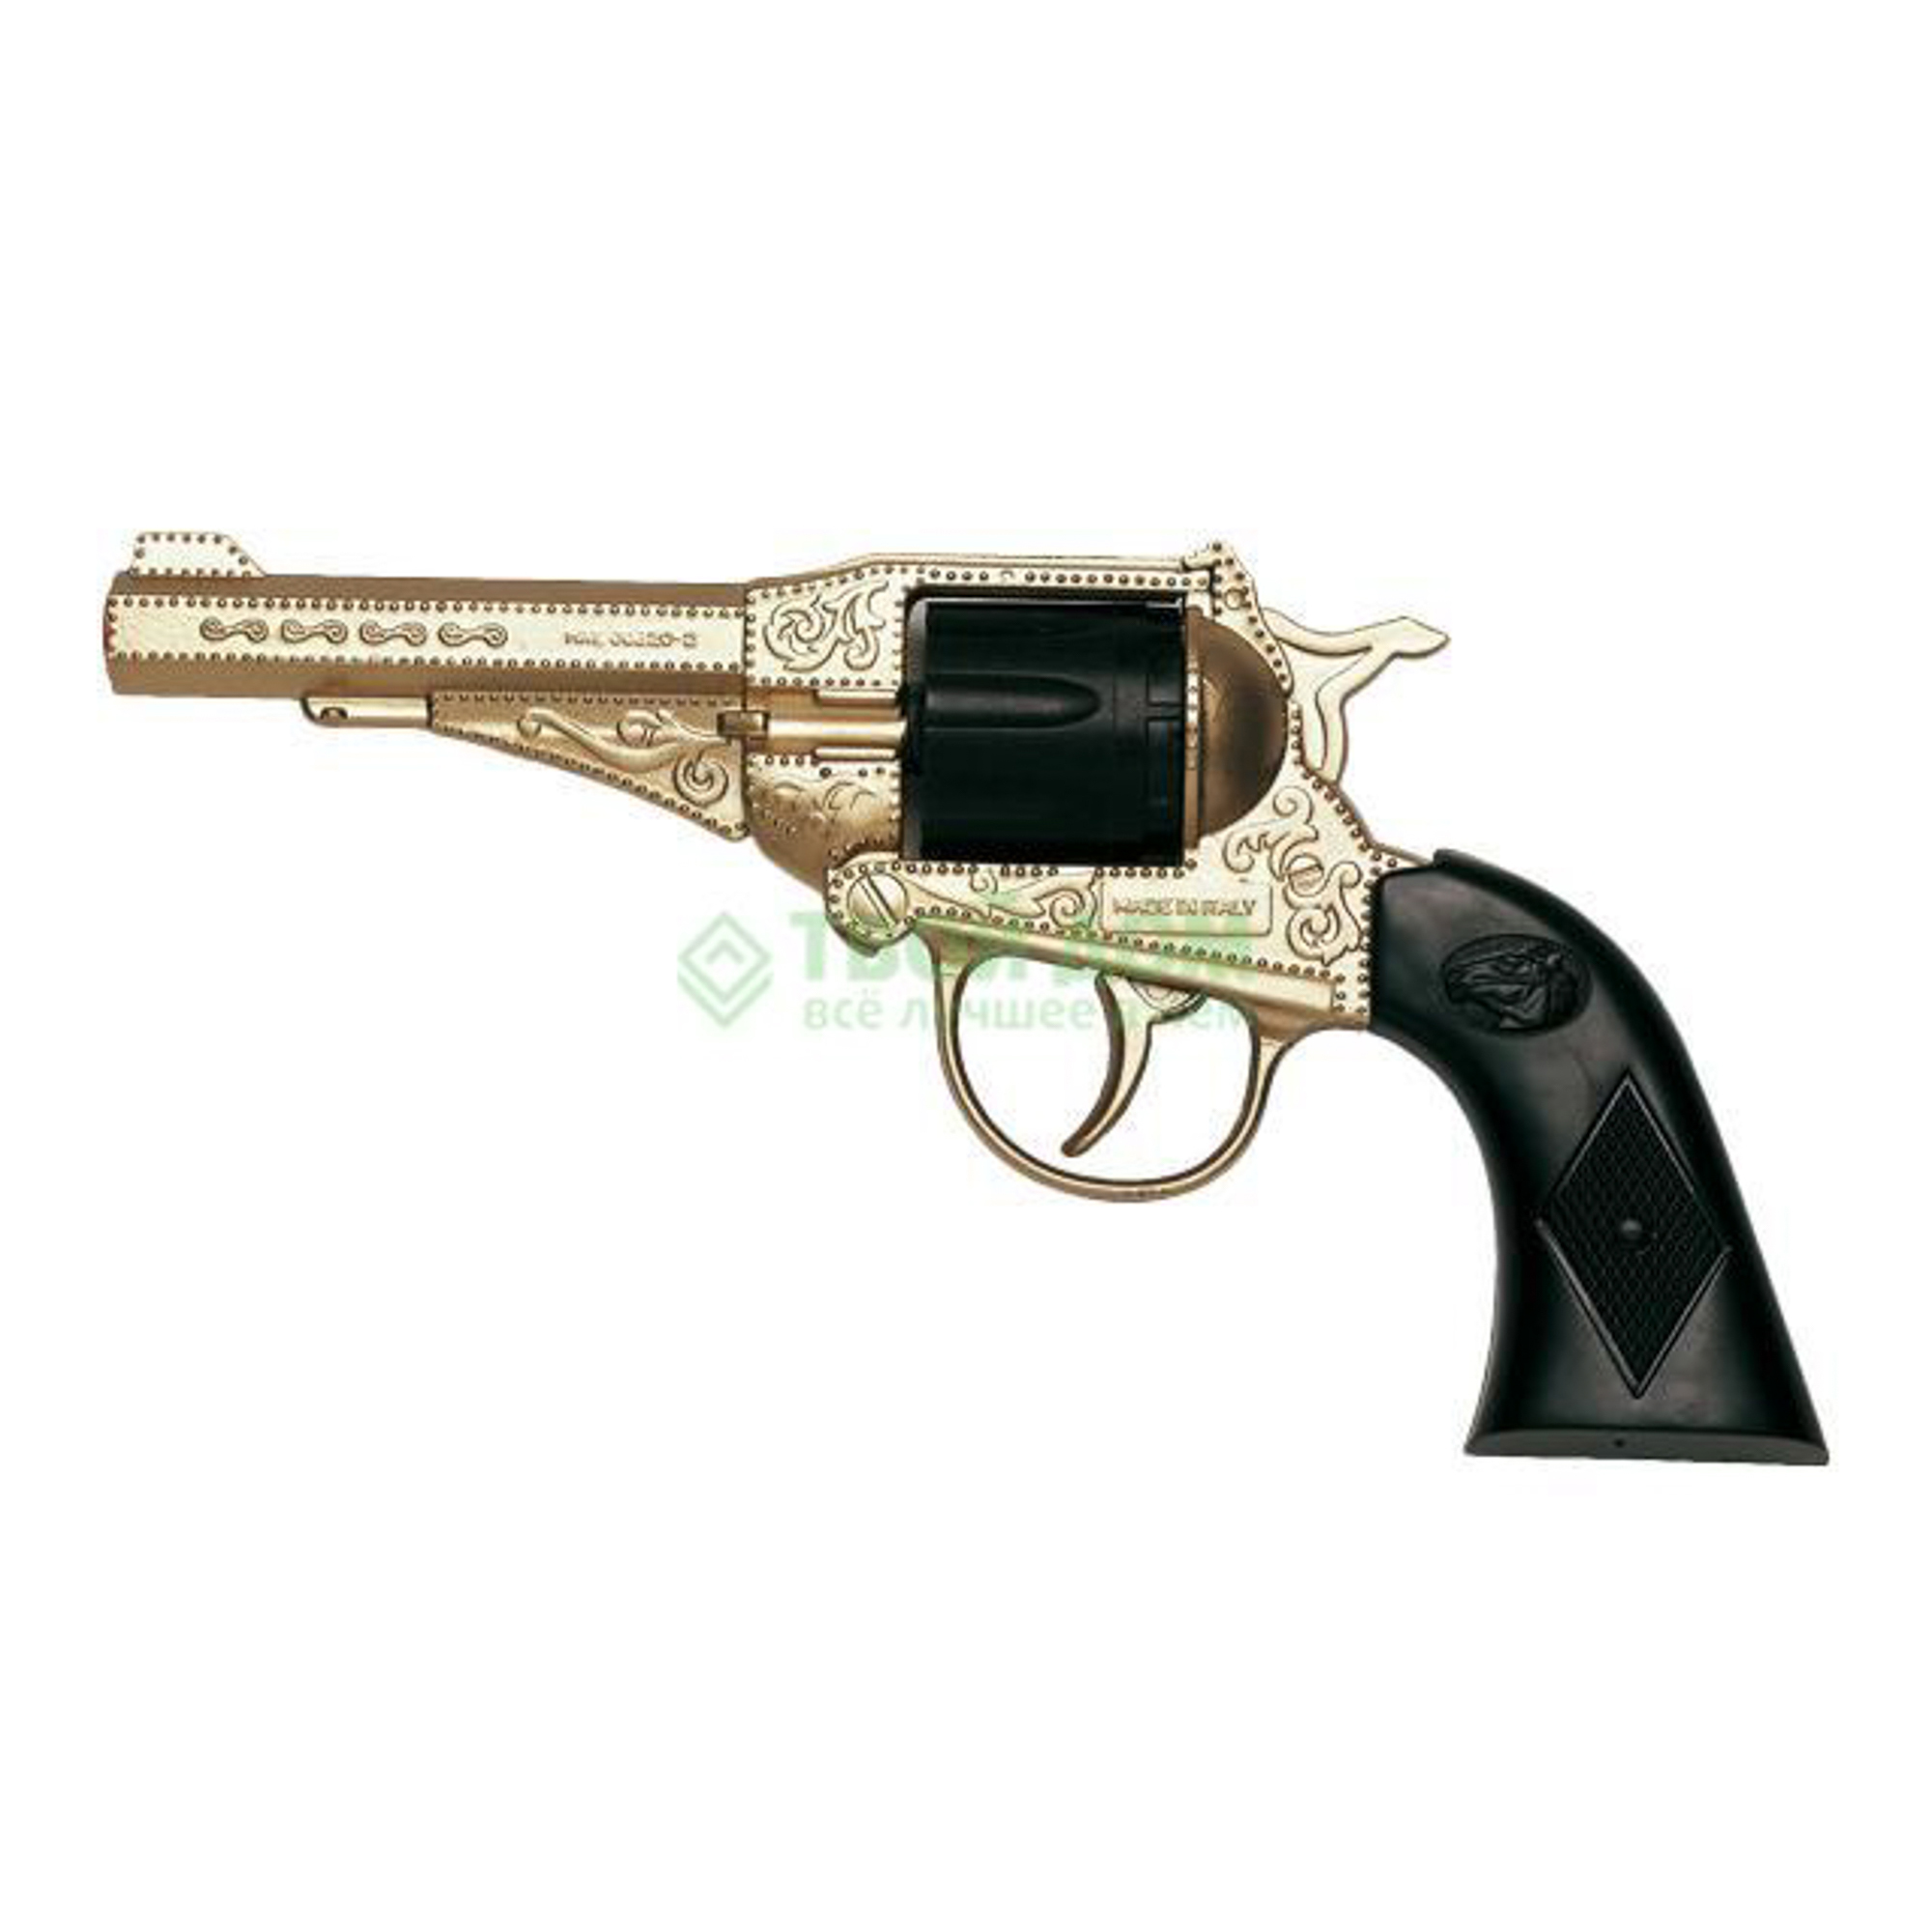 Пистолет Edison sterling metall-gold western (0220/56)